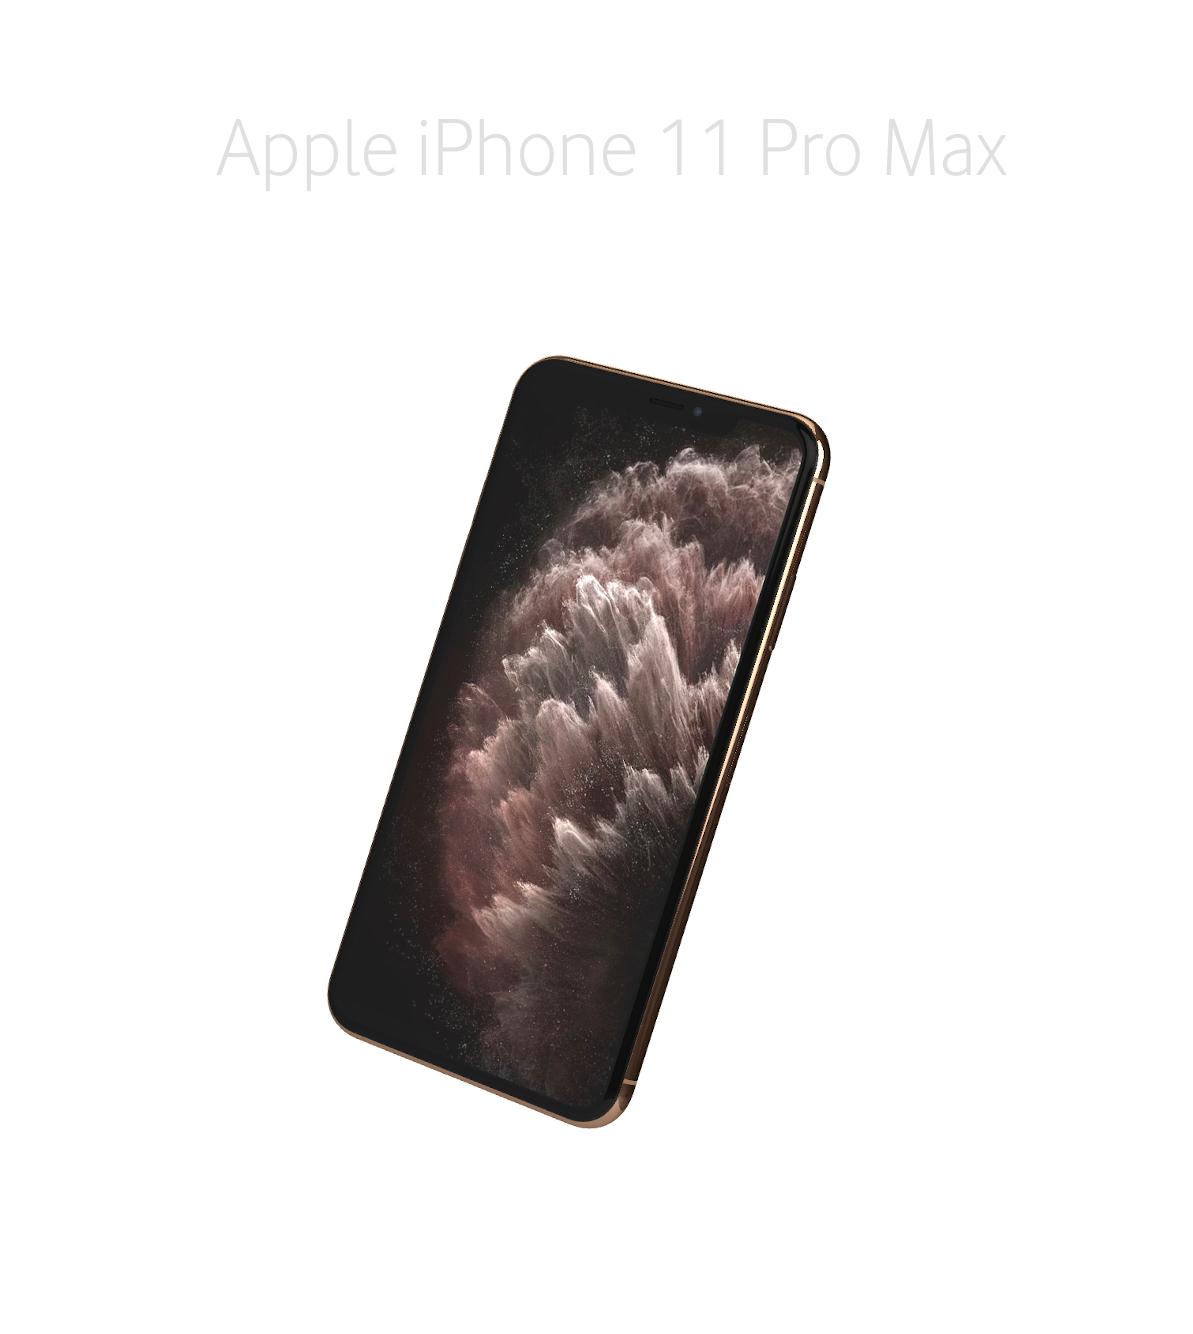 Laga framsida/glas/skärm iPhone 11 Pro Max